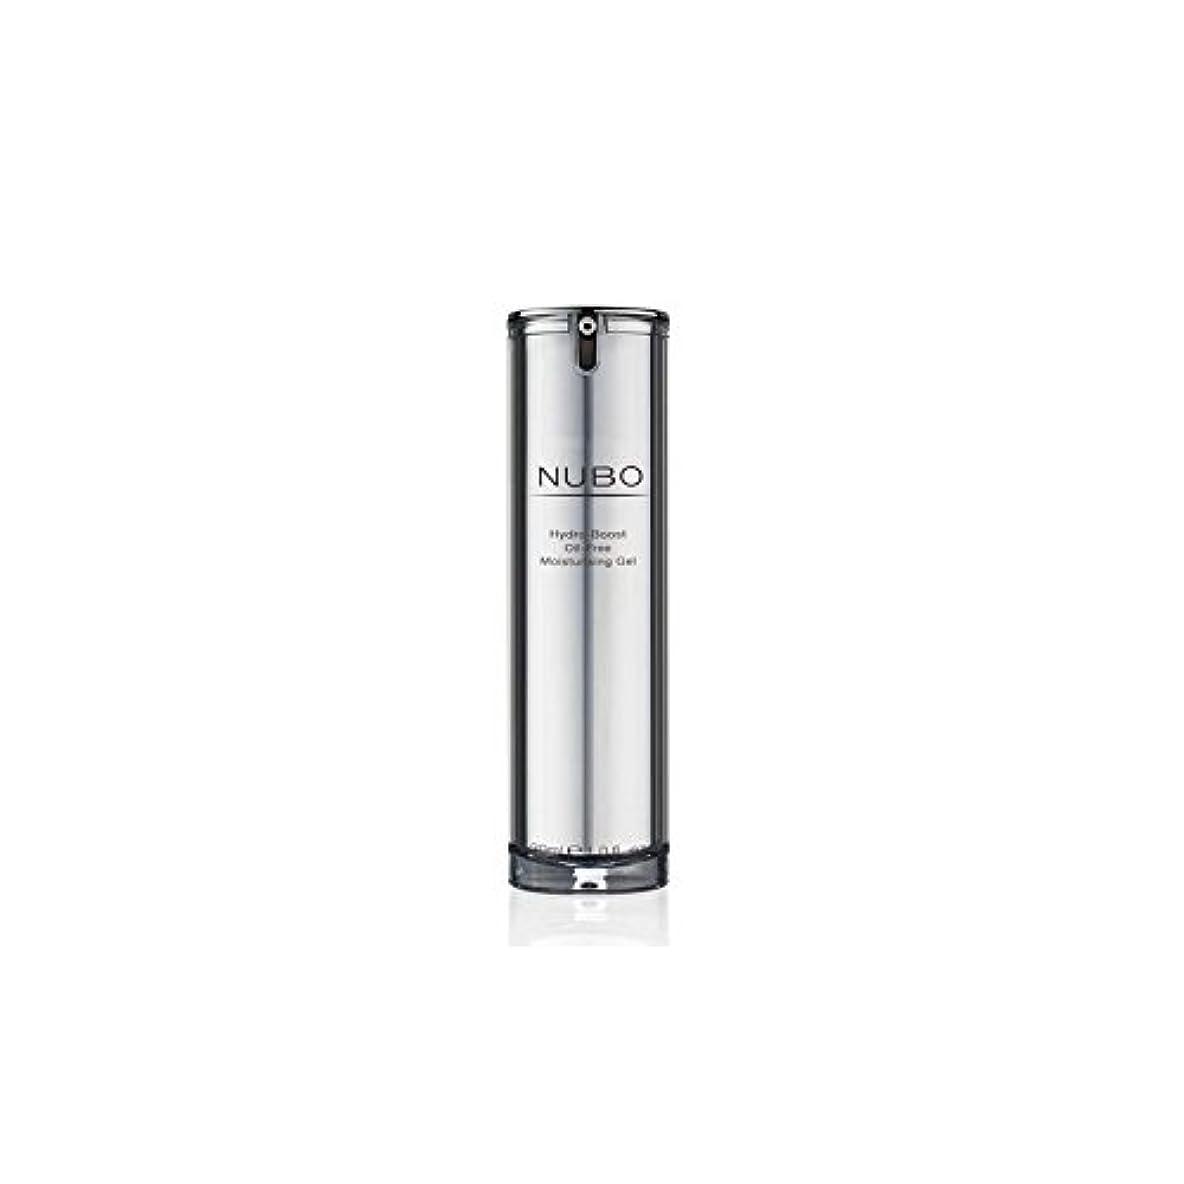 ダニルビー重力水力ブーストオイルフリーの保湿ジェル(30ミリリットル) x4 - Nubo Hydro Boost Oil Free Moisturising Gel (30ml) (Pack of 4) [並行輸入品]